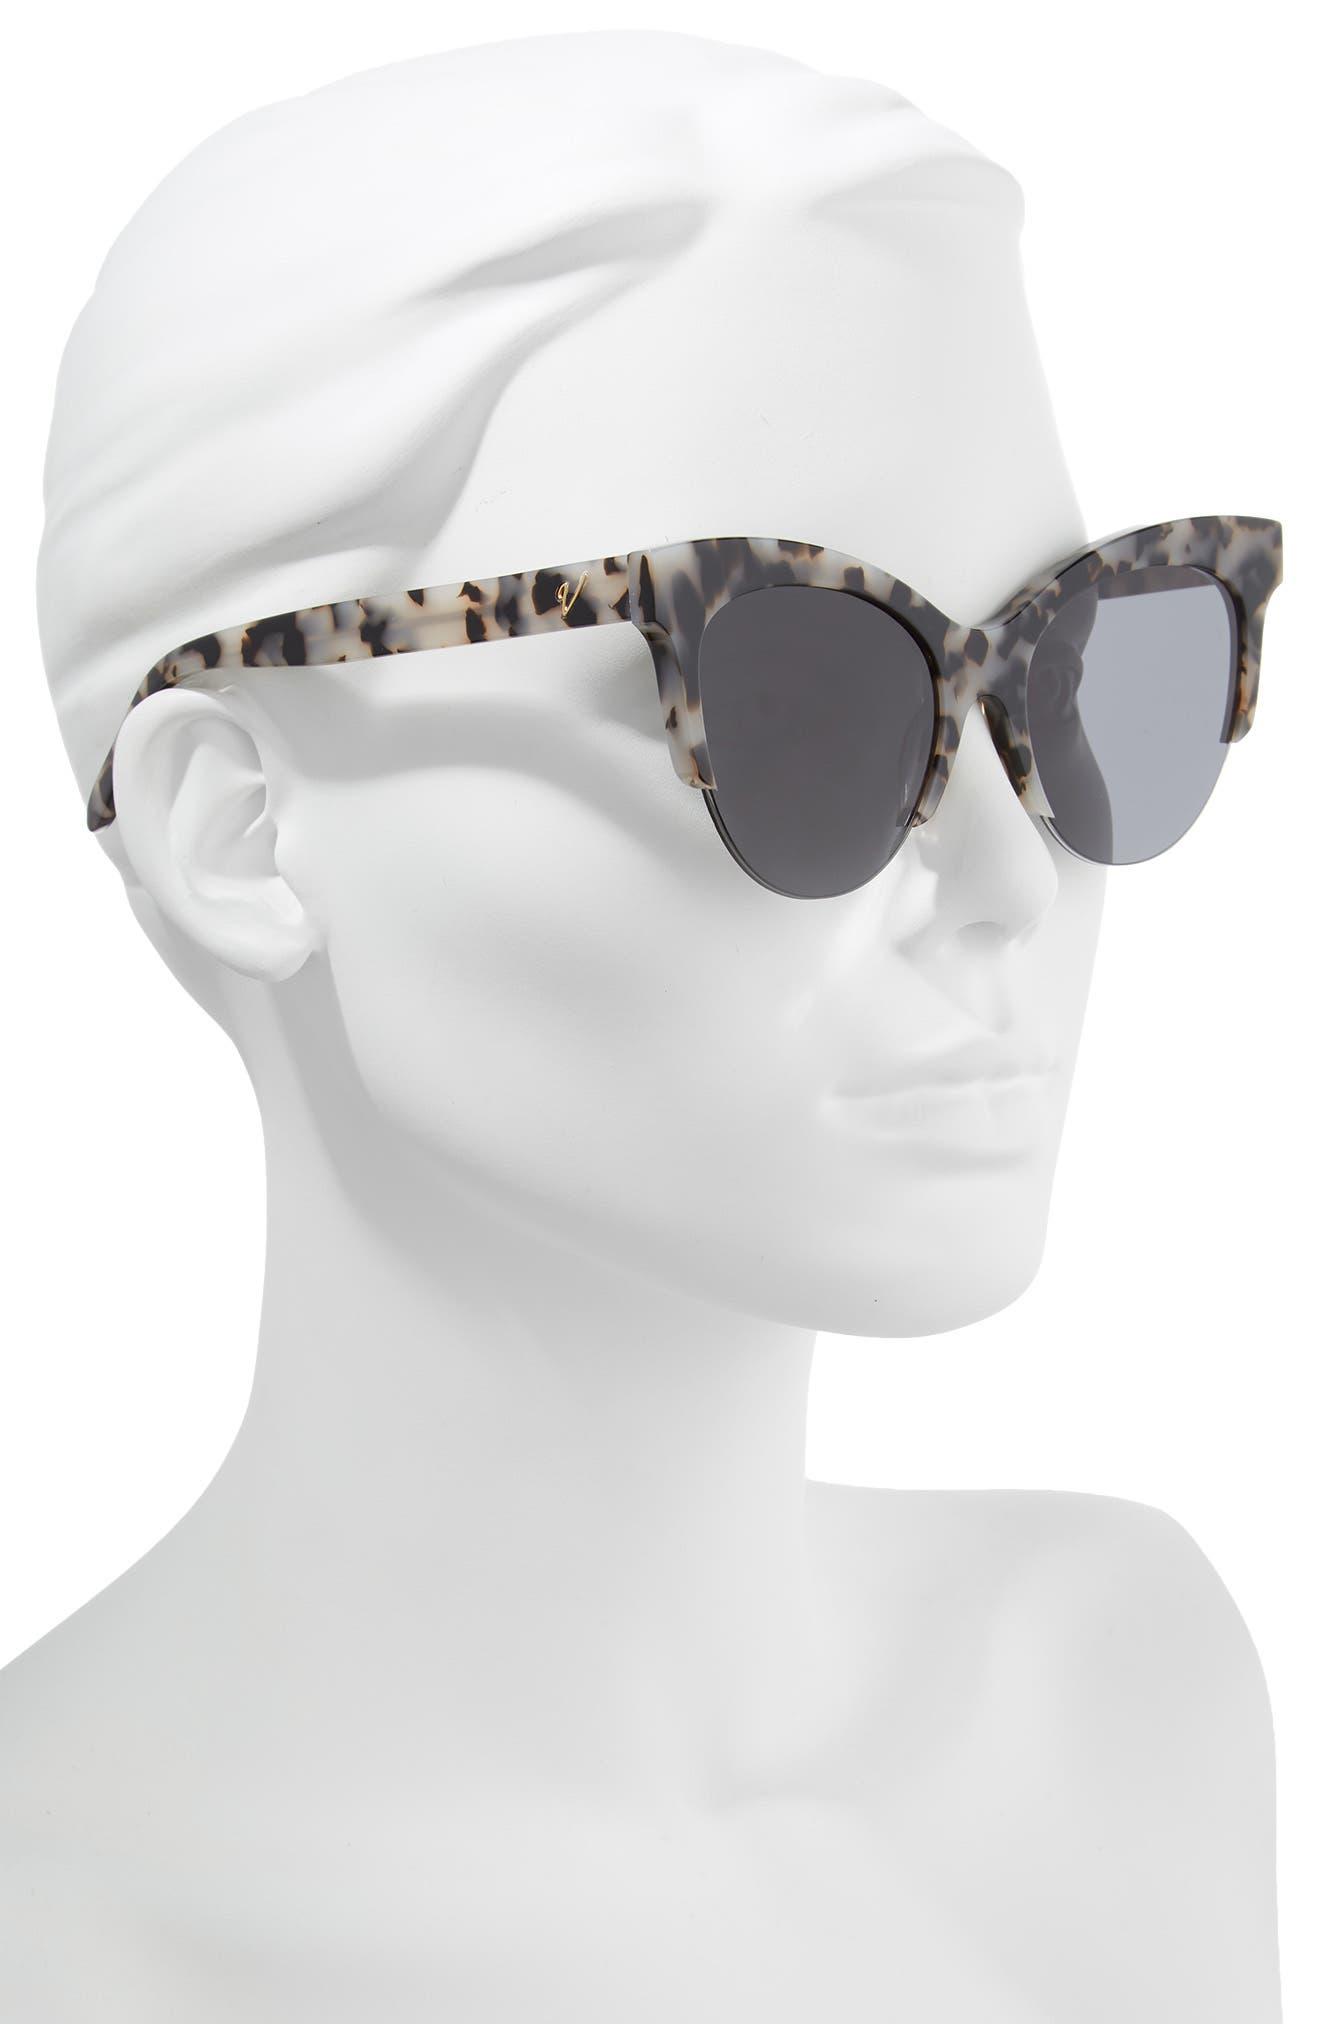 Cody 53mm Cat Eye Sunglasses,                             Alternate thumbnail 2, color,                             Milky Tortoise/ Smoke